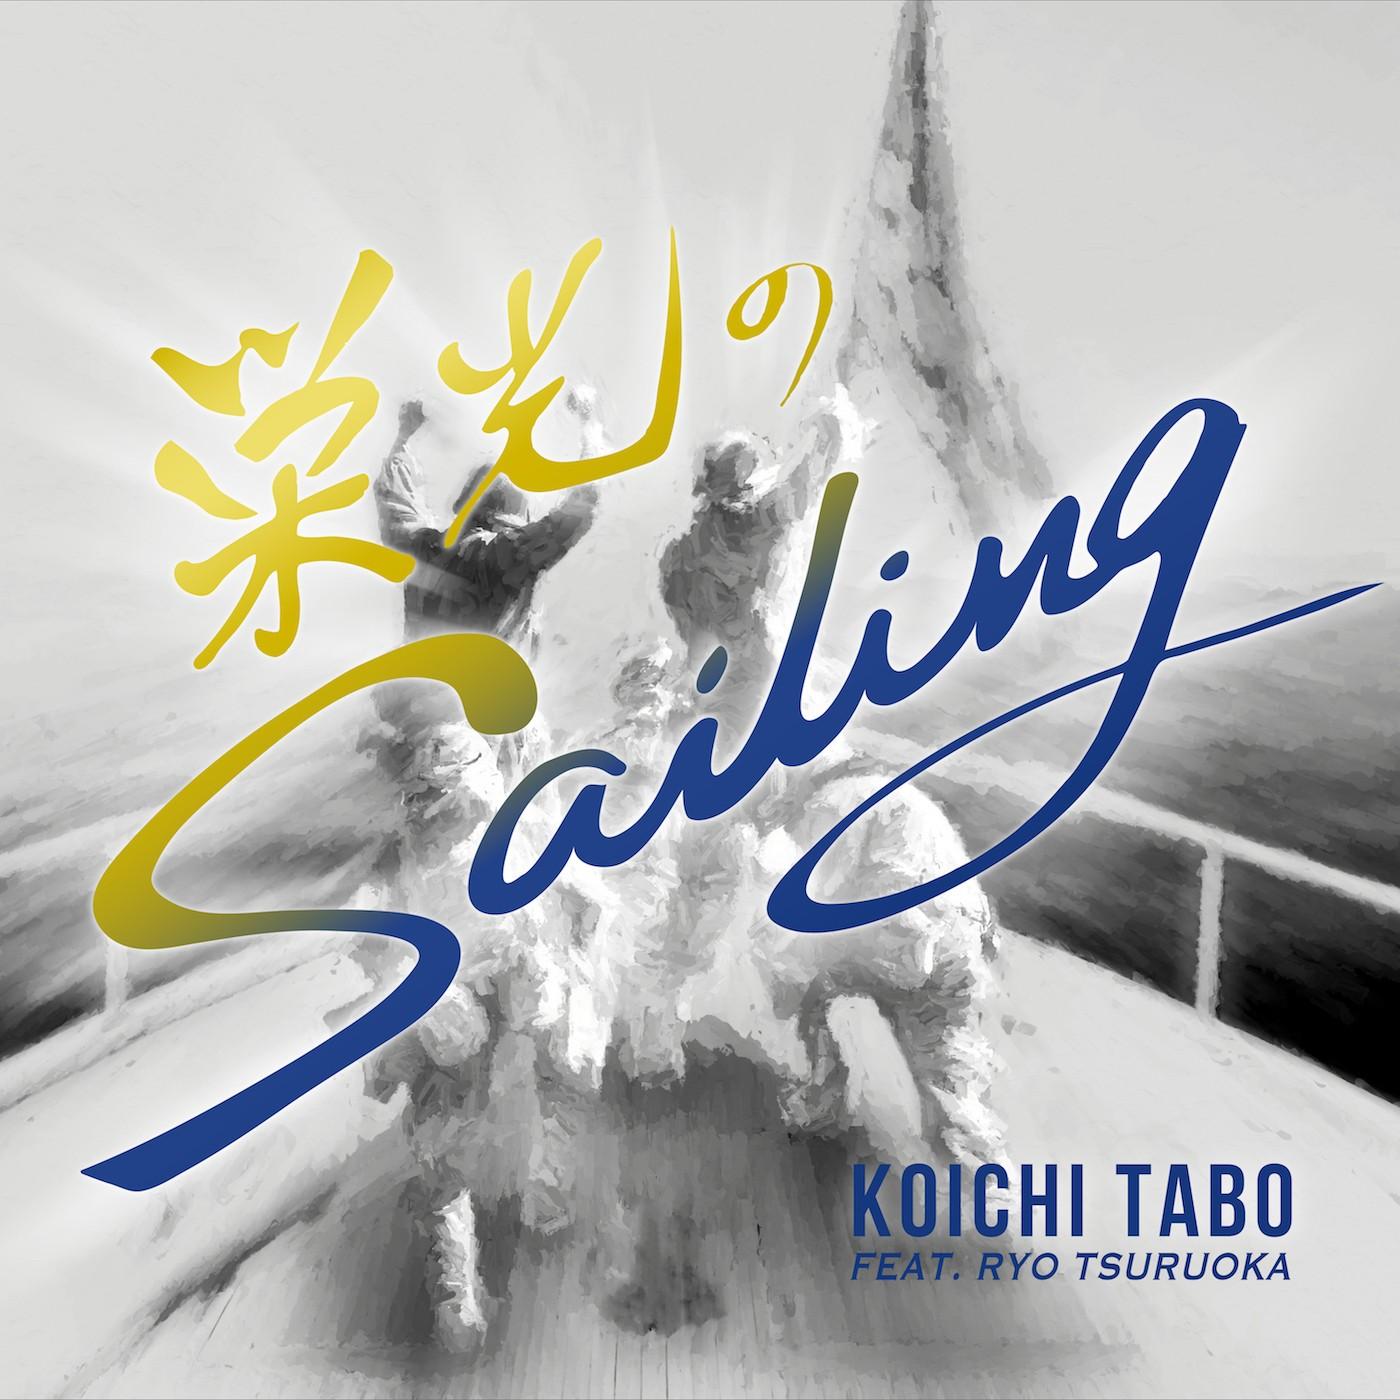 KoichiTabo_Eikoh No Sailing_Cover.jpg